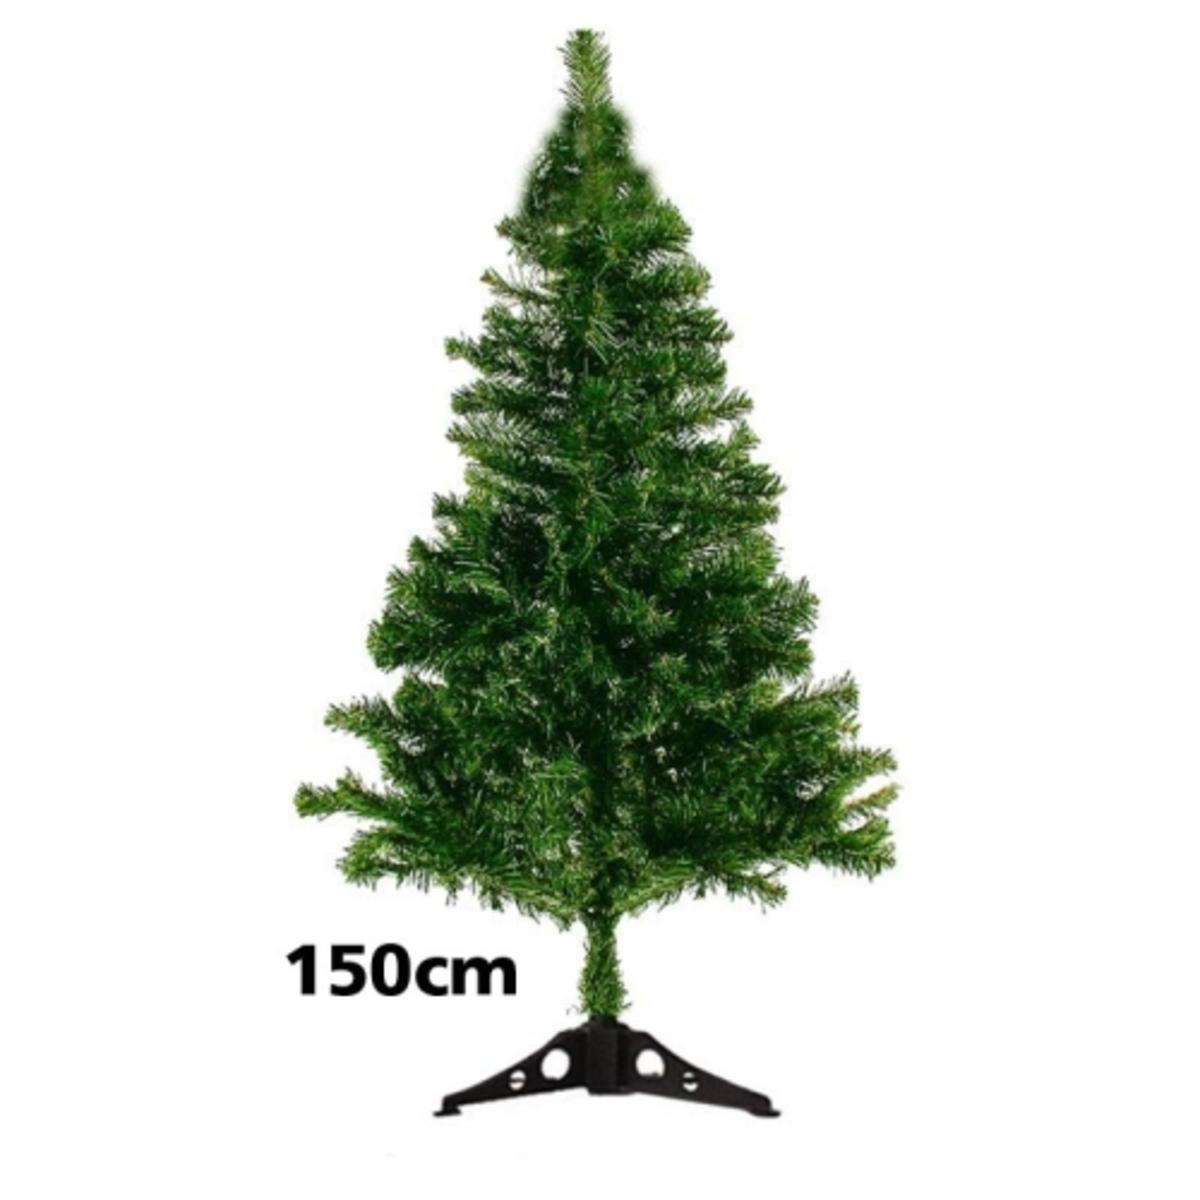 Bild 1 von Künstlicher Weihnachtsbaum 150cm